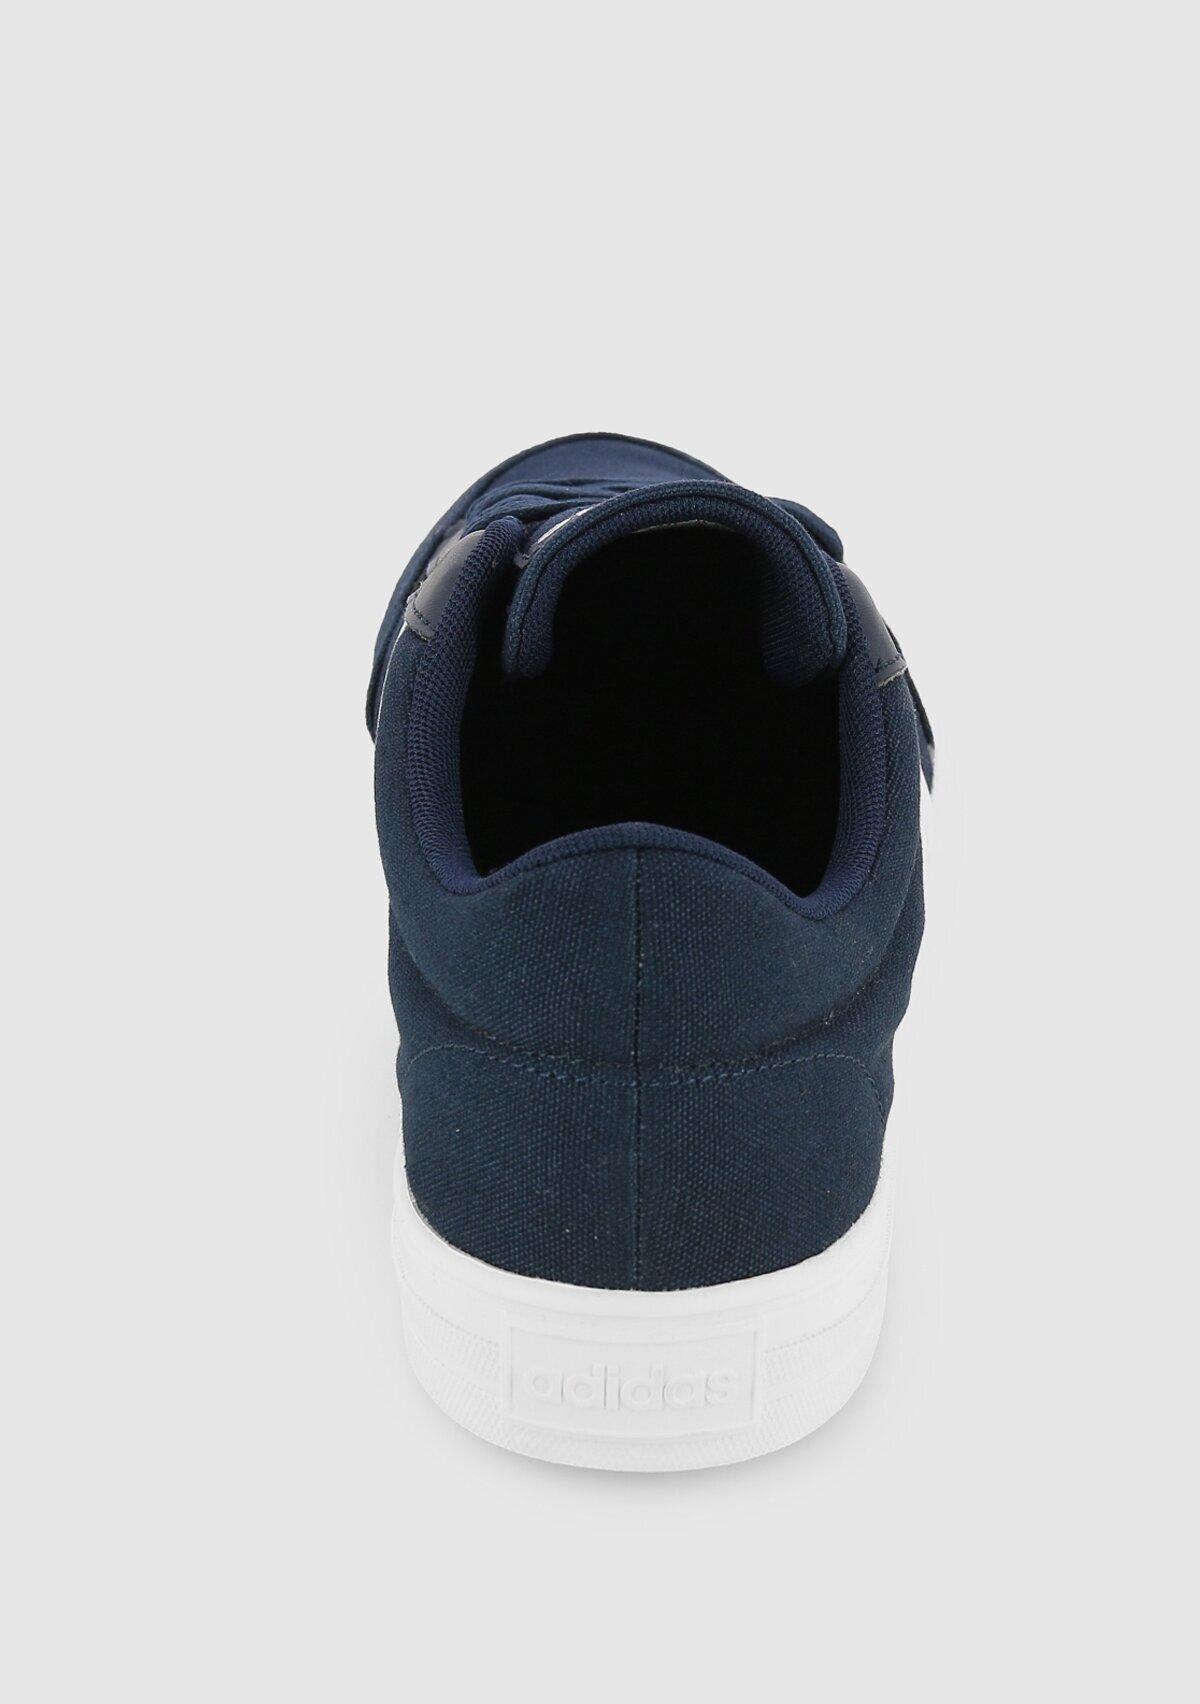 resm Vs Set Lacivert Erkek Tenis Ayakkabısı Aw3891